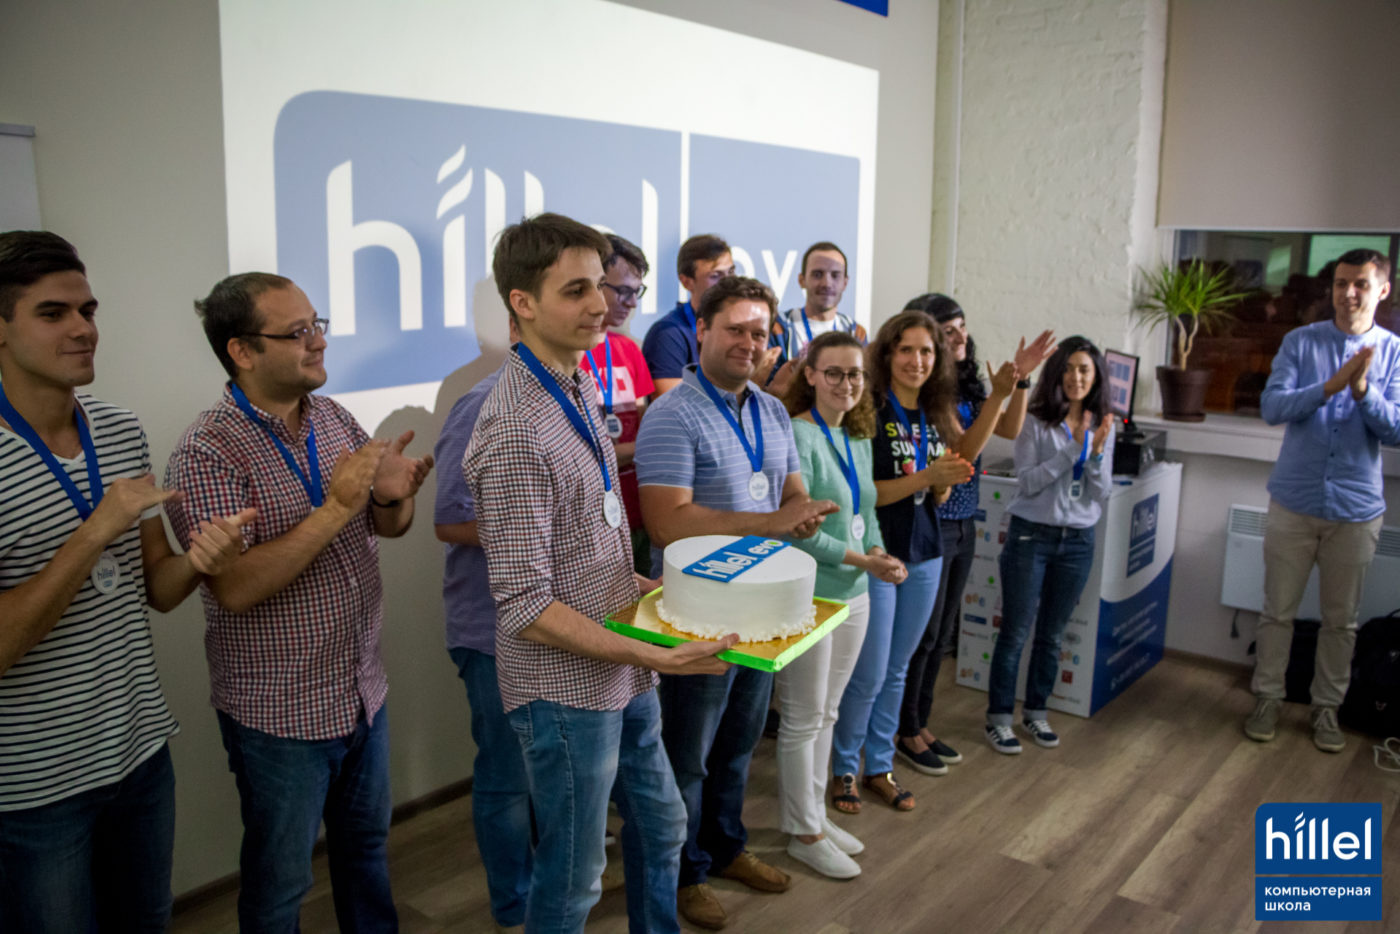 События: Приглашаем на презентацию рабочих прототипов третьего цикла программы Hillel Evo в Одессе